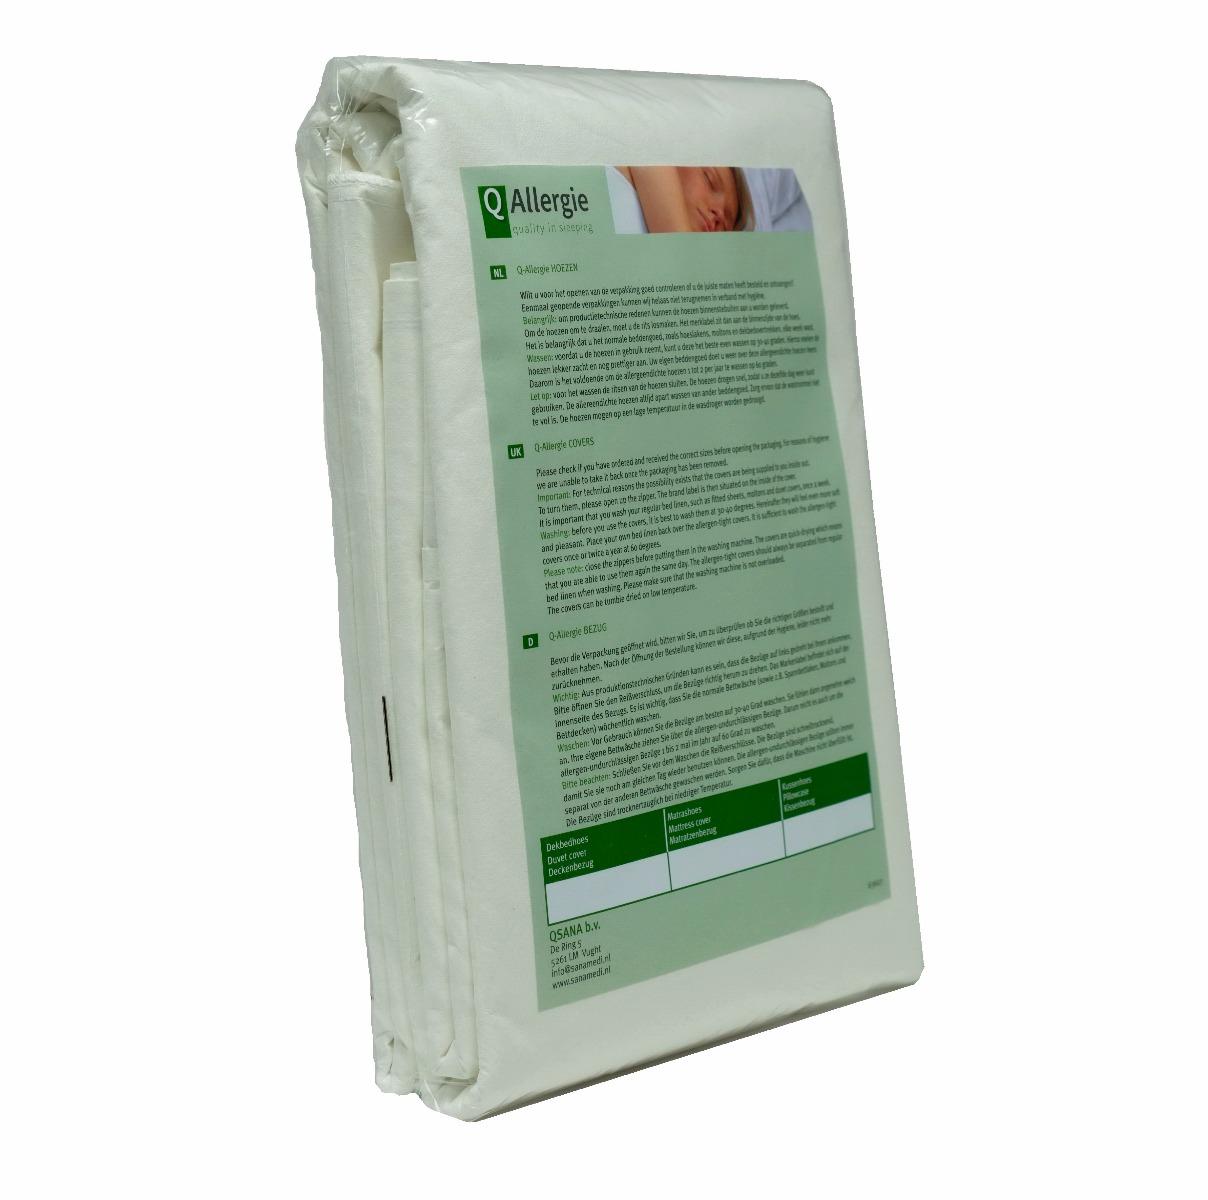 Dekbedhoes Q-Allergie 2-Persoons 240 x 220 cm   Anti allergie dekbedhoes